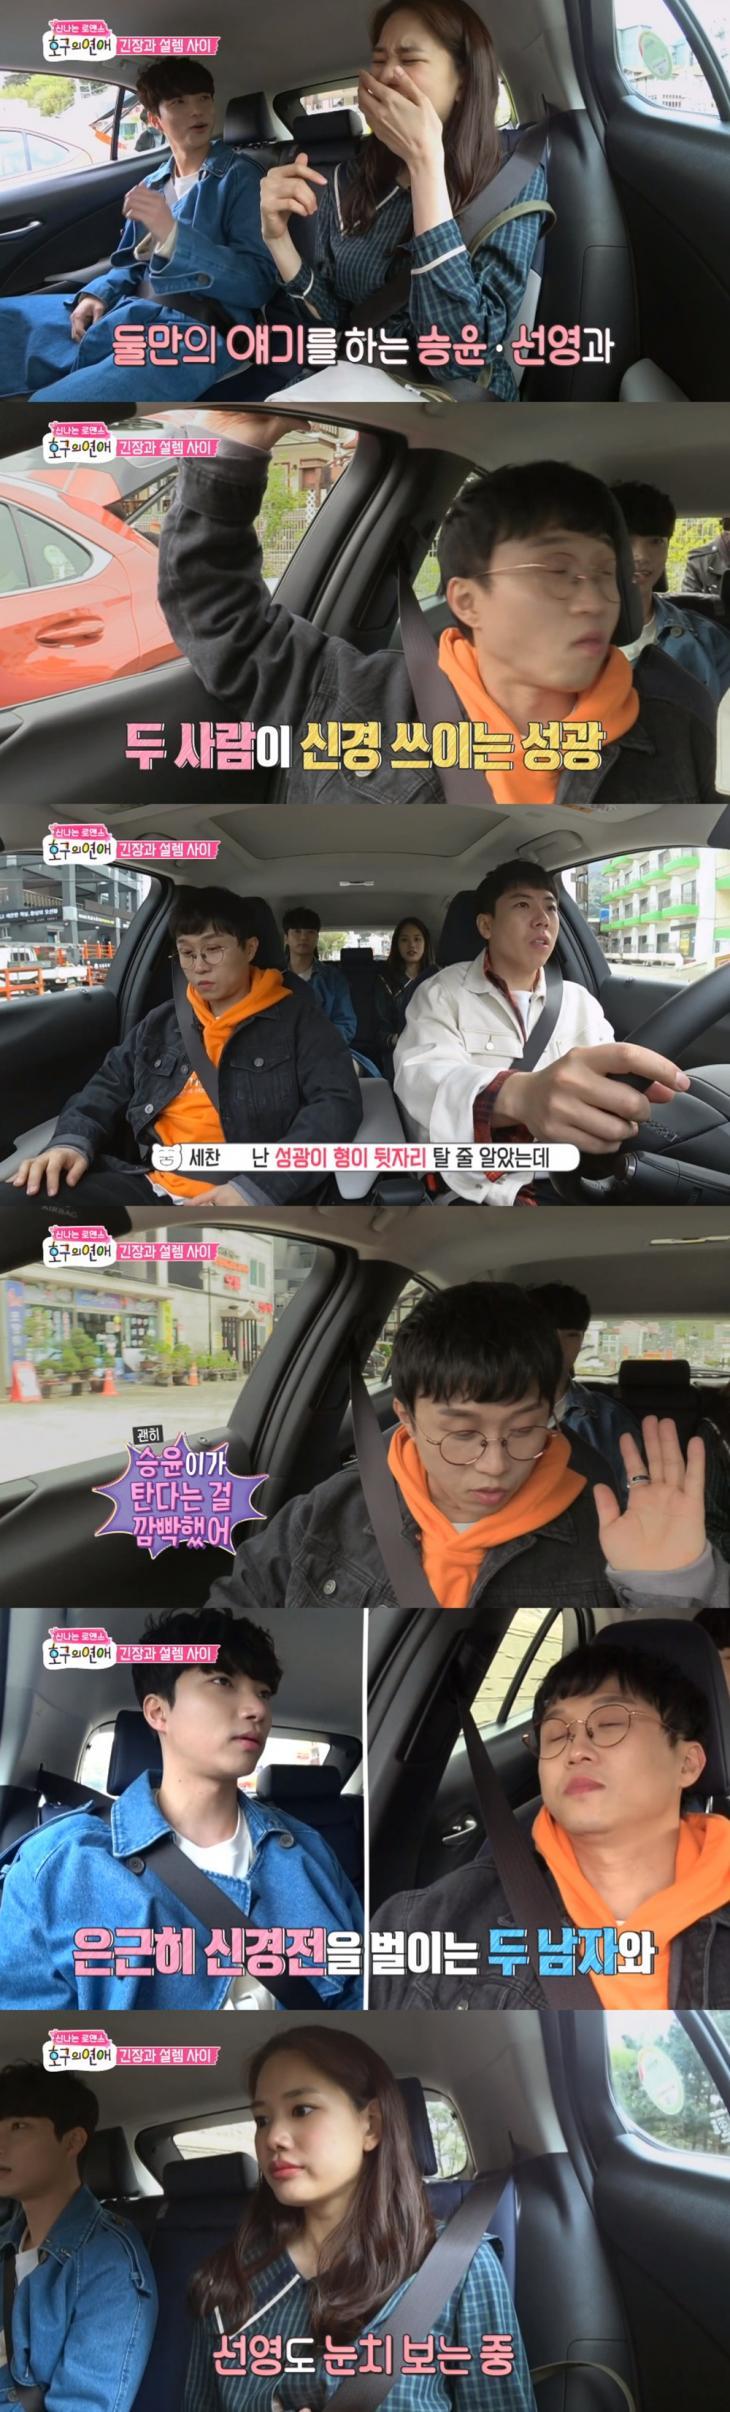 MBC '호구의 연애' 방송 캡처